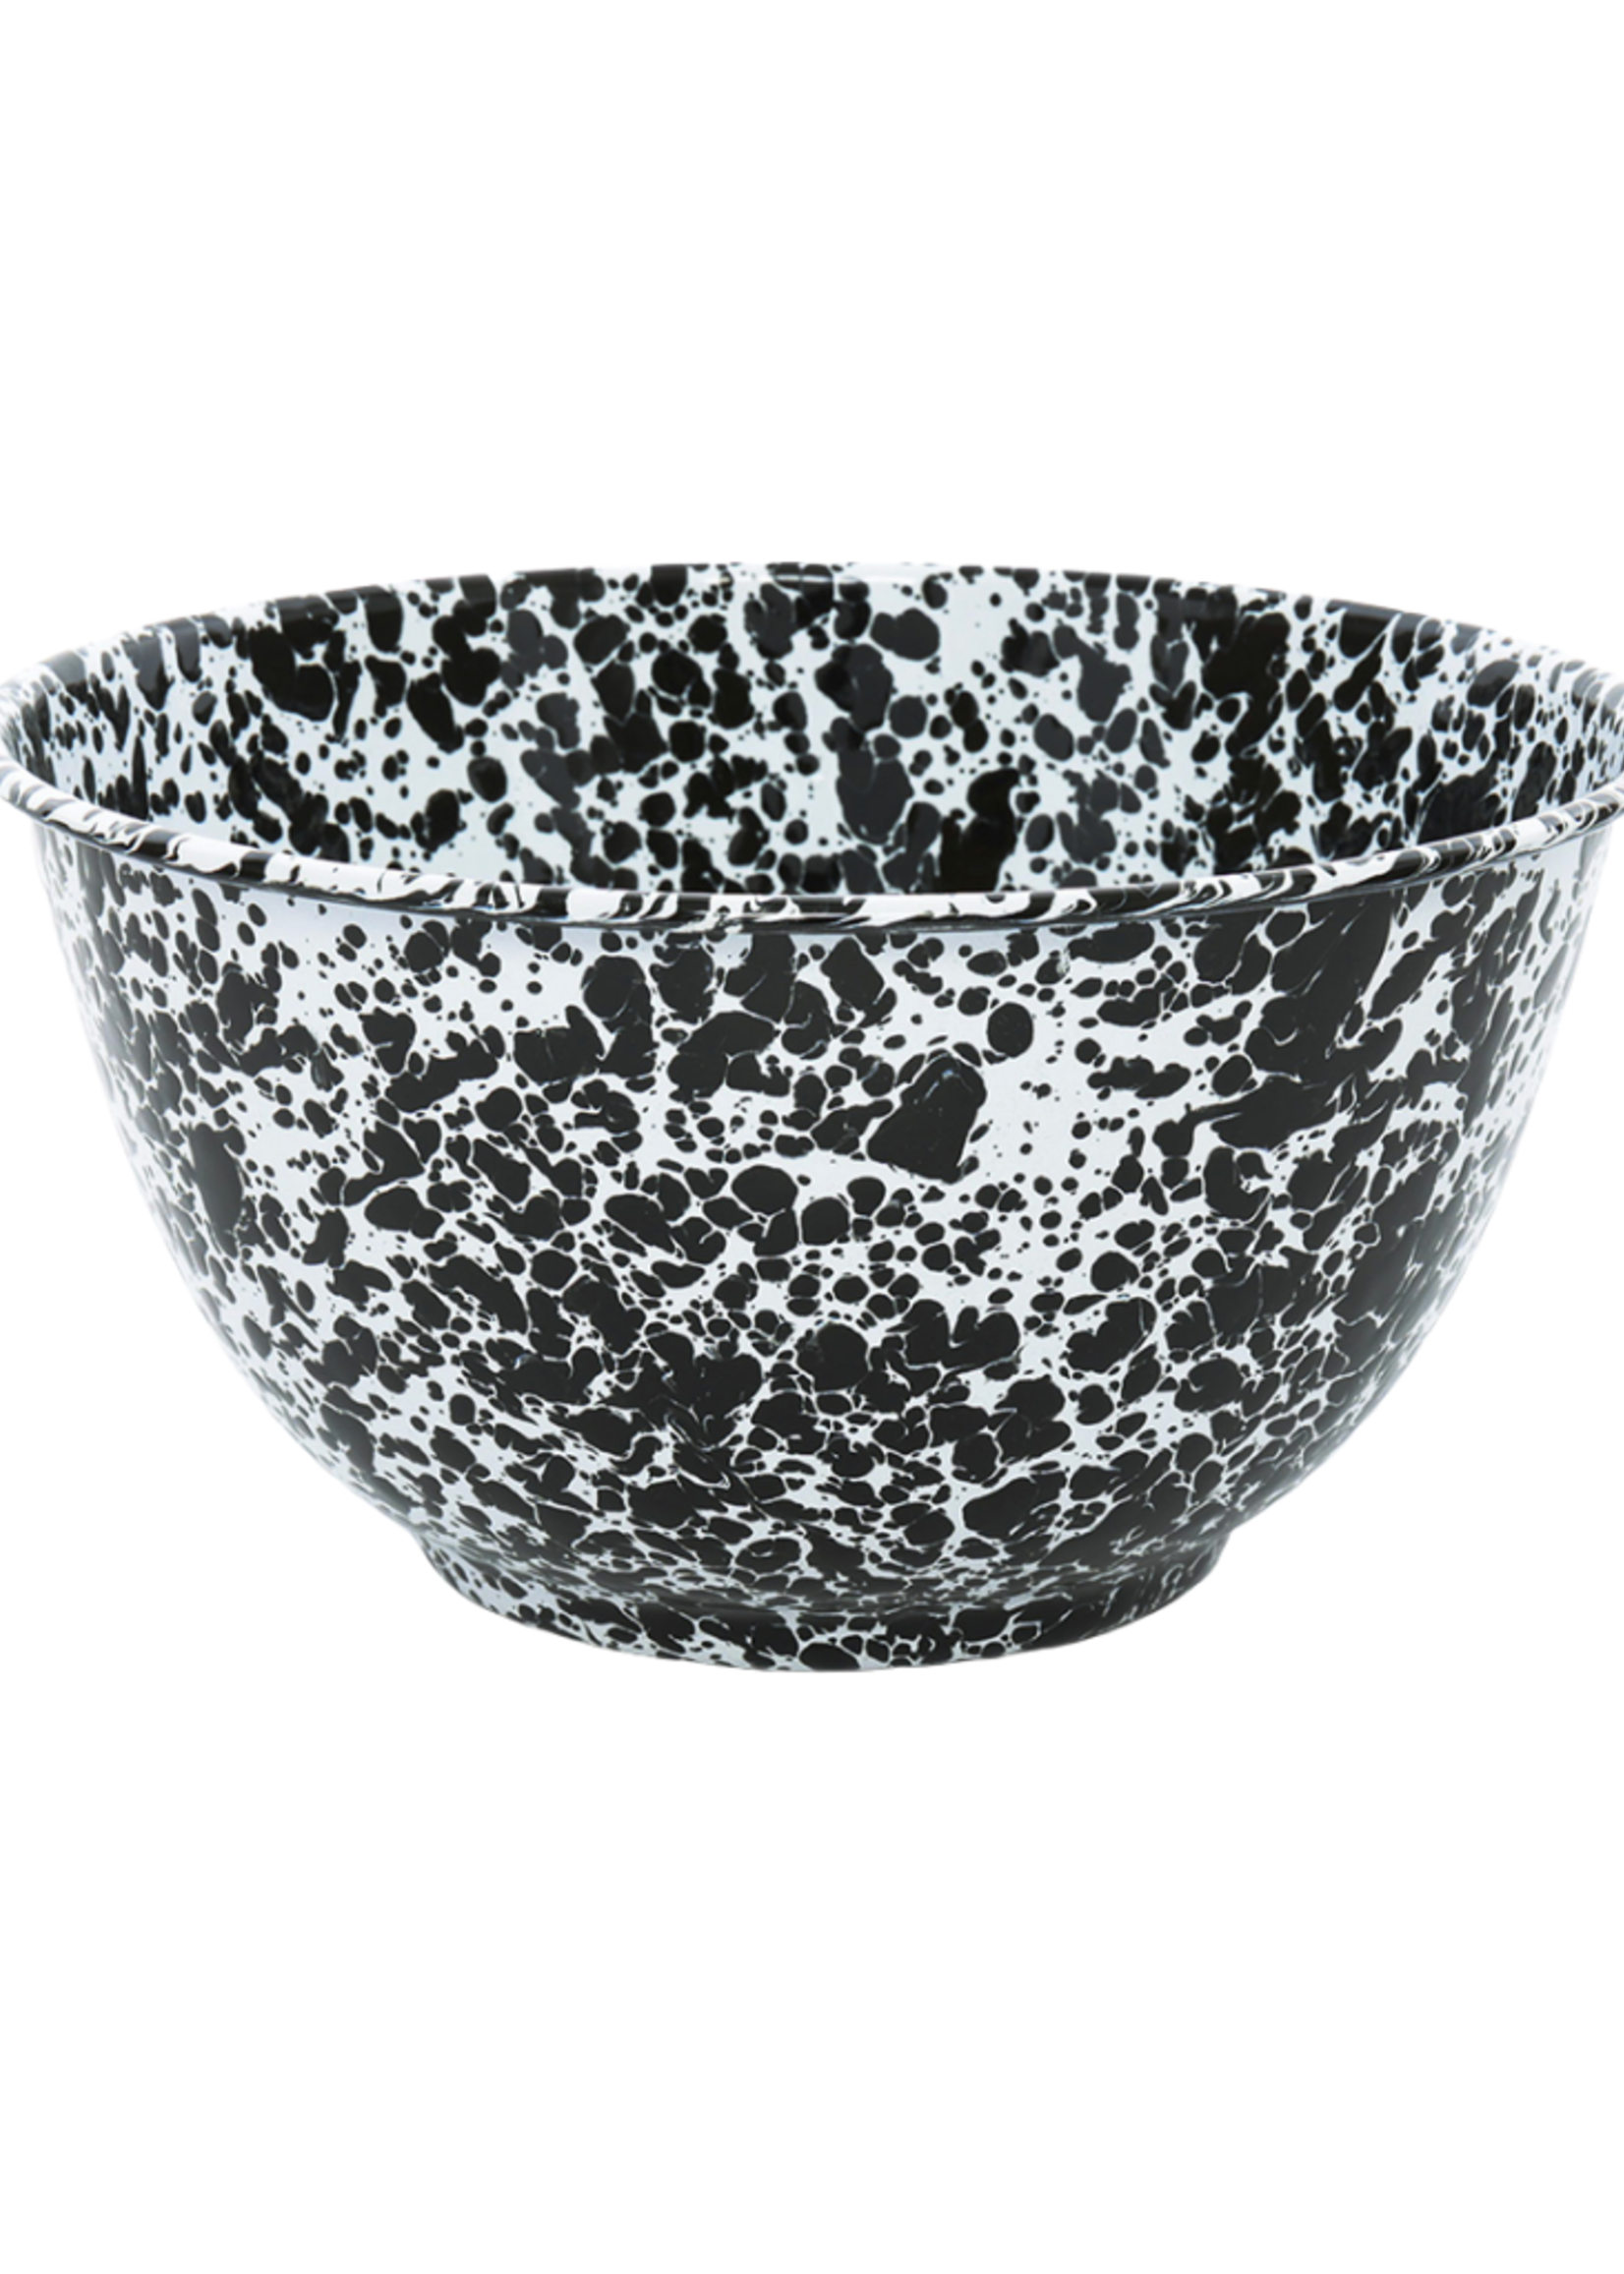 Splatter Large Salad Bowl // Black Marble